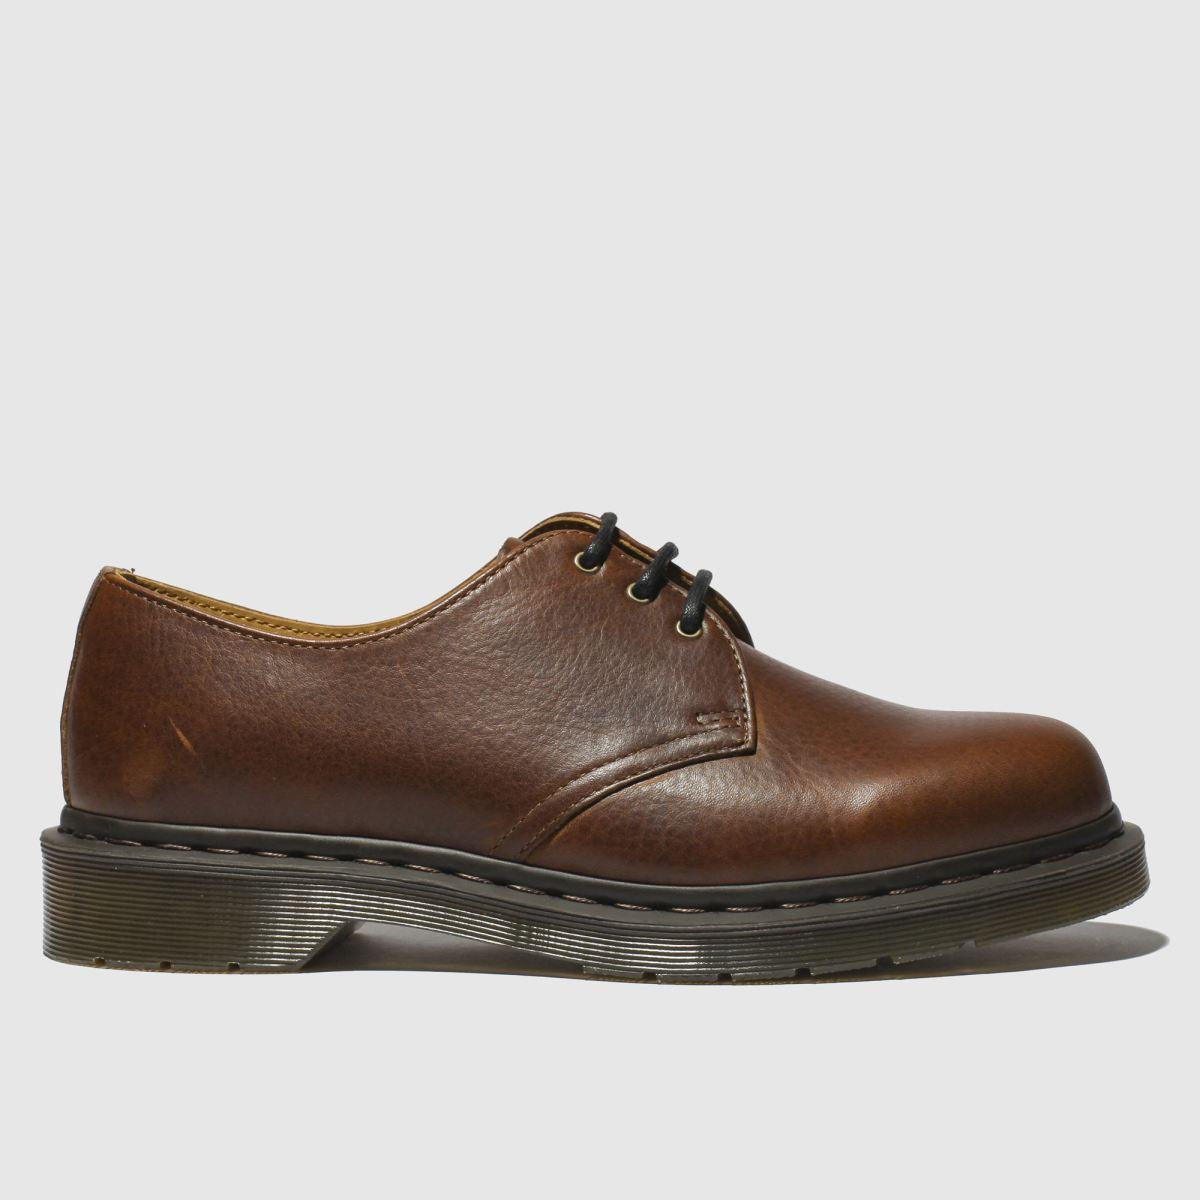 Dr Martens Brown 1461 Shoe Shoes